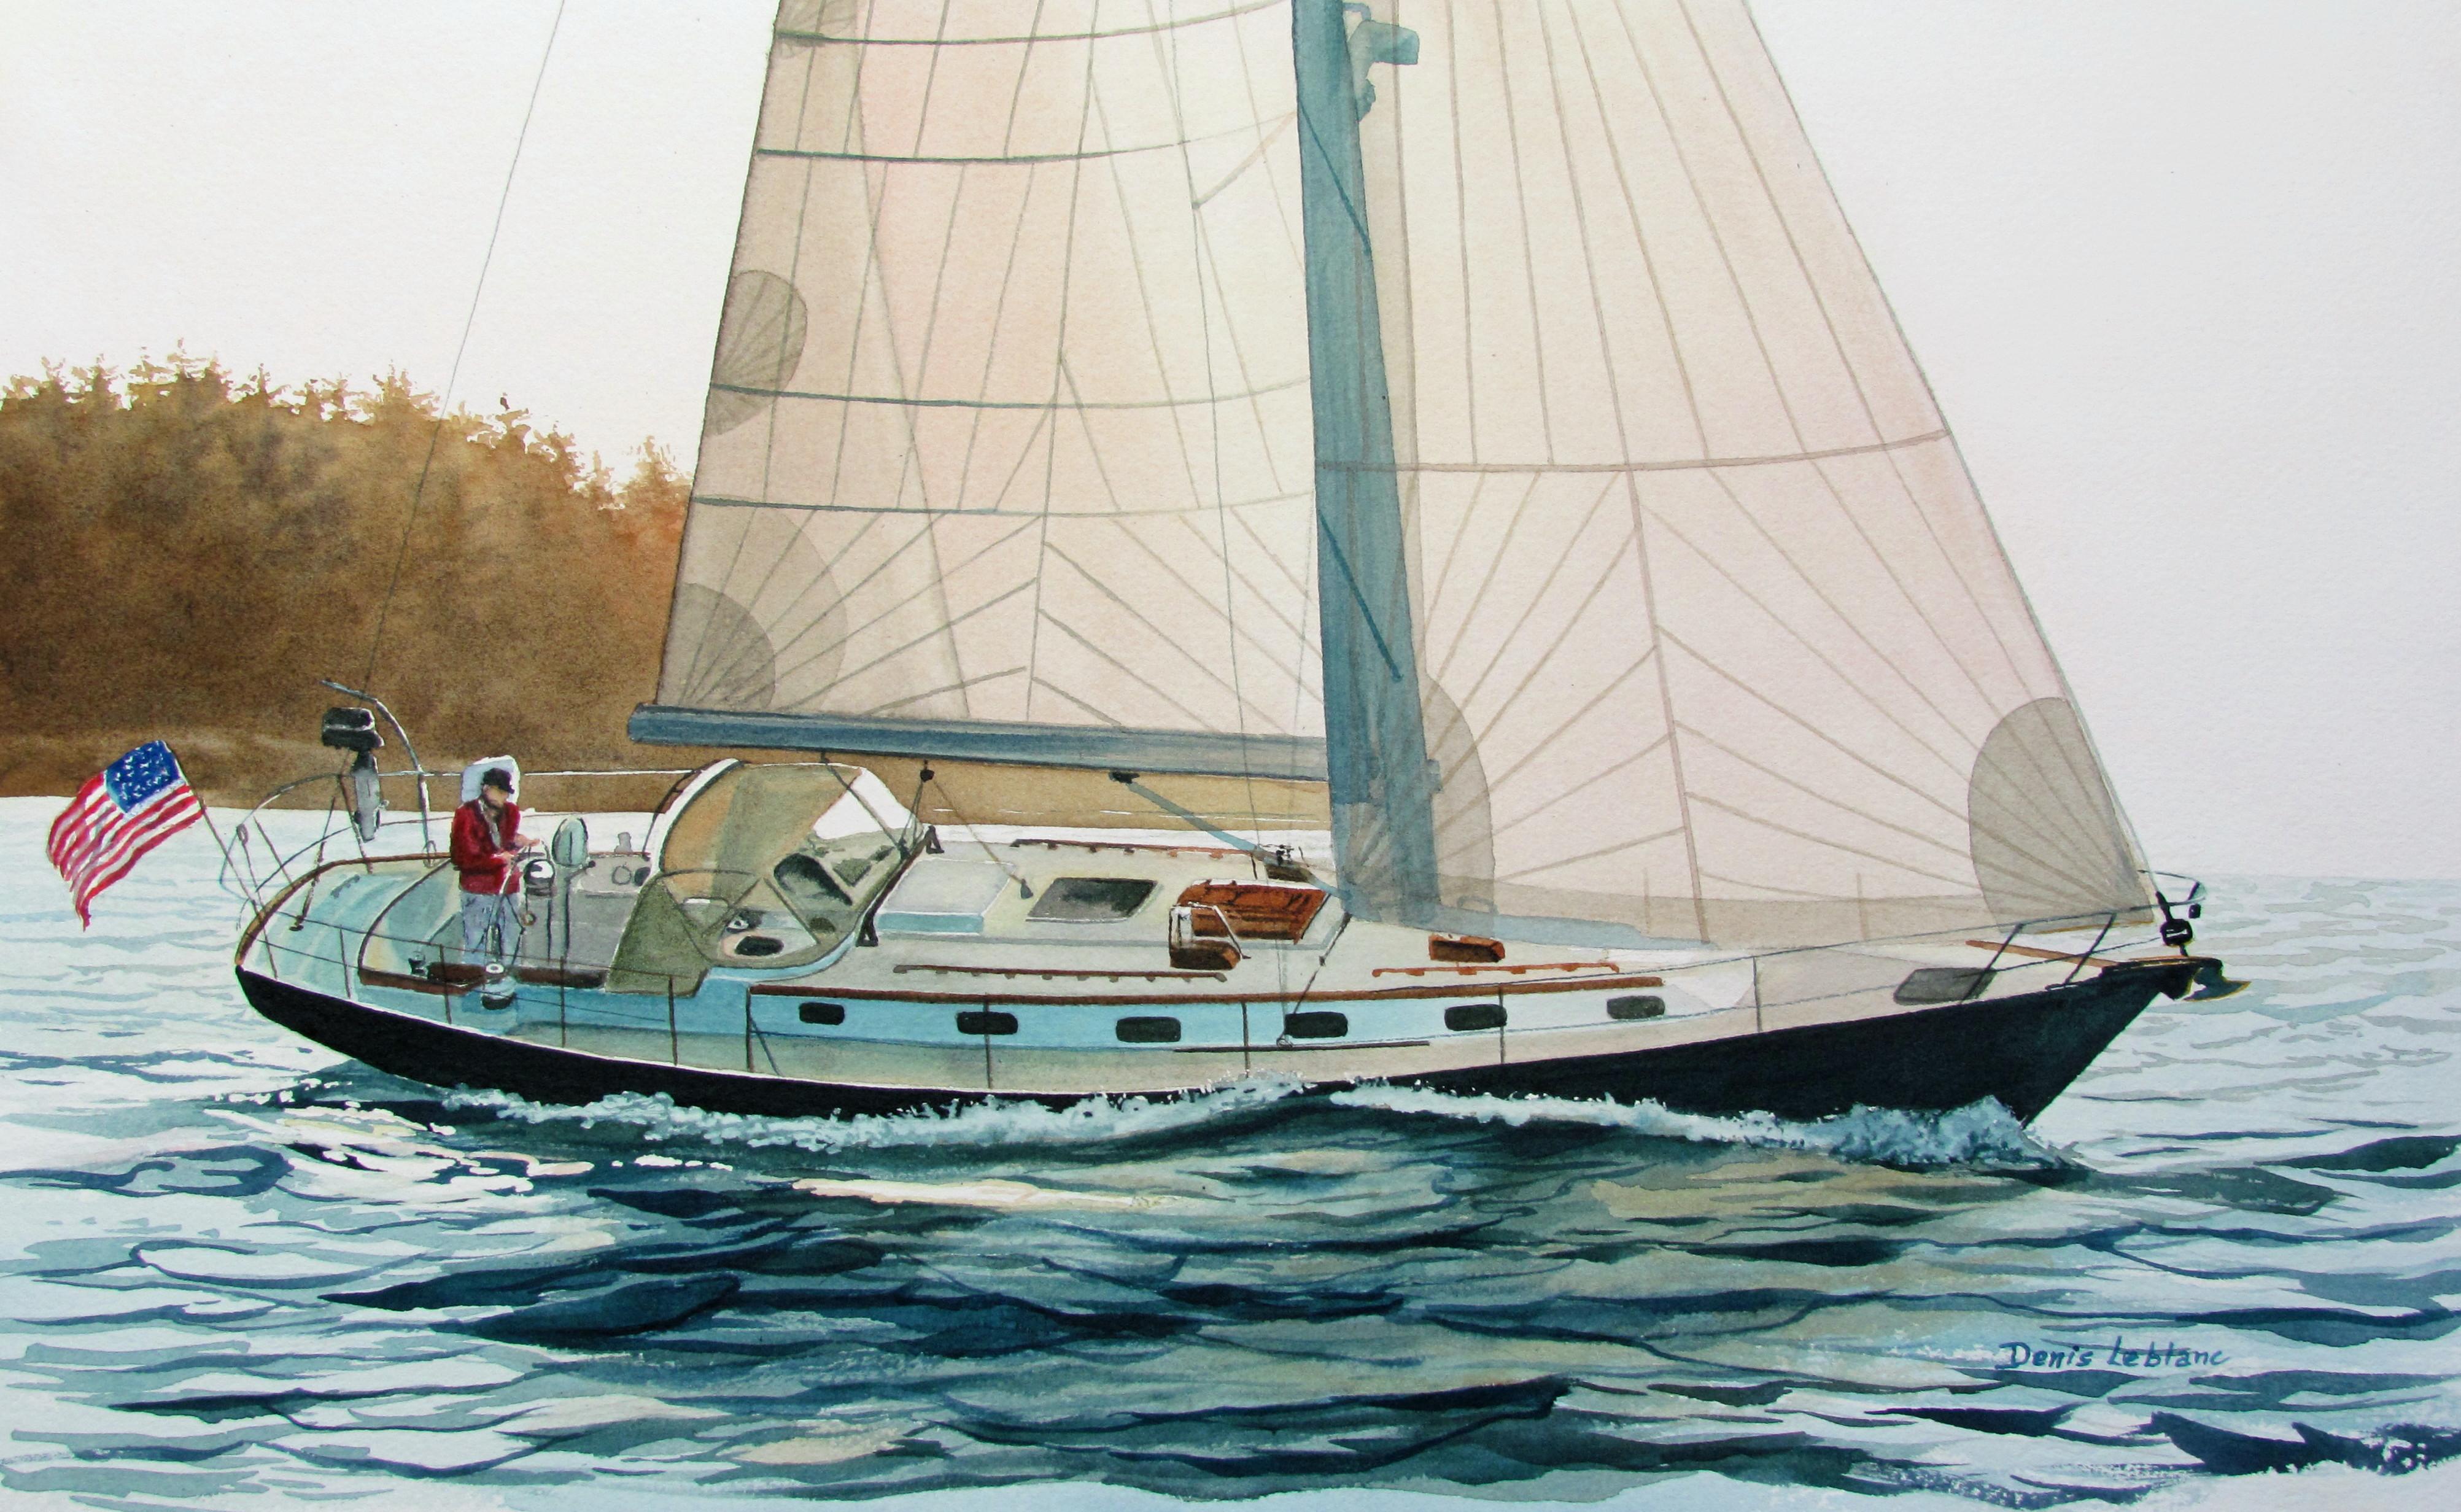 Dennis Leblanc - A Morris At Sail